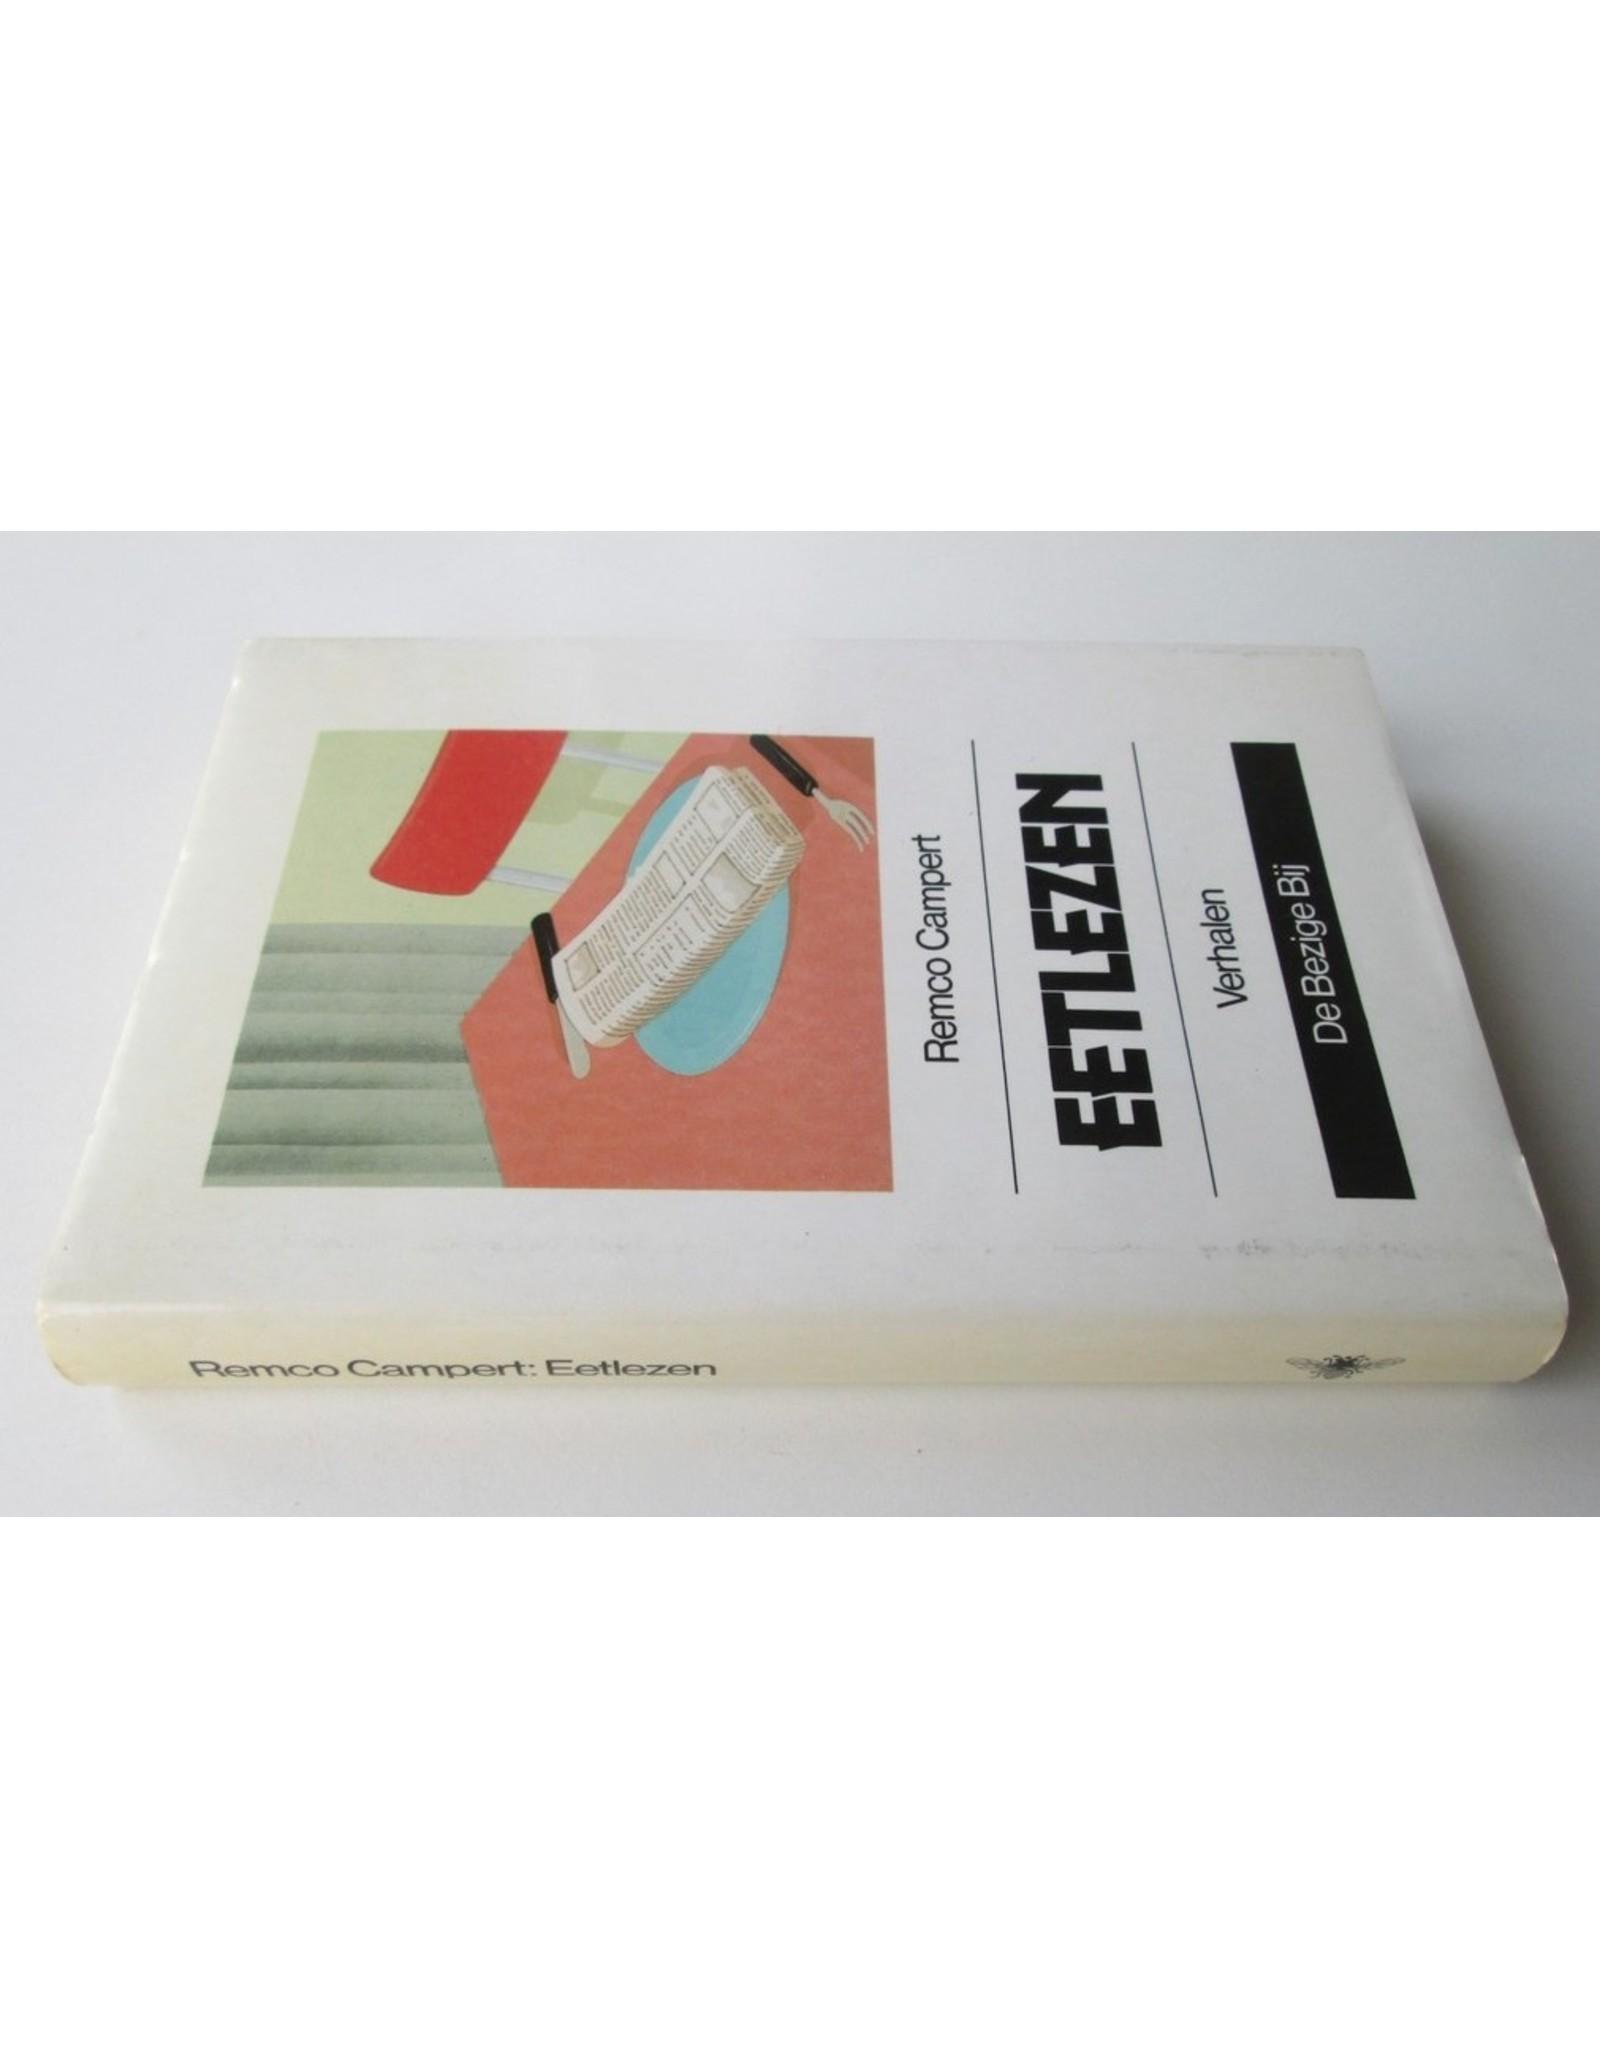 Remco Campert - Eetlezen